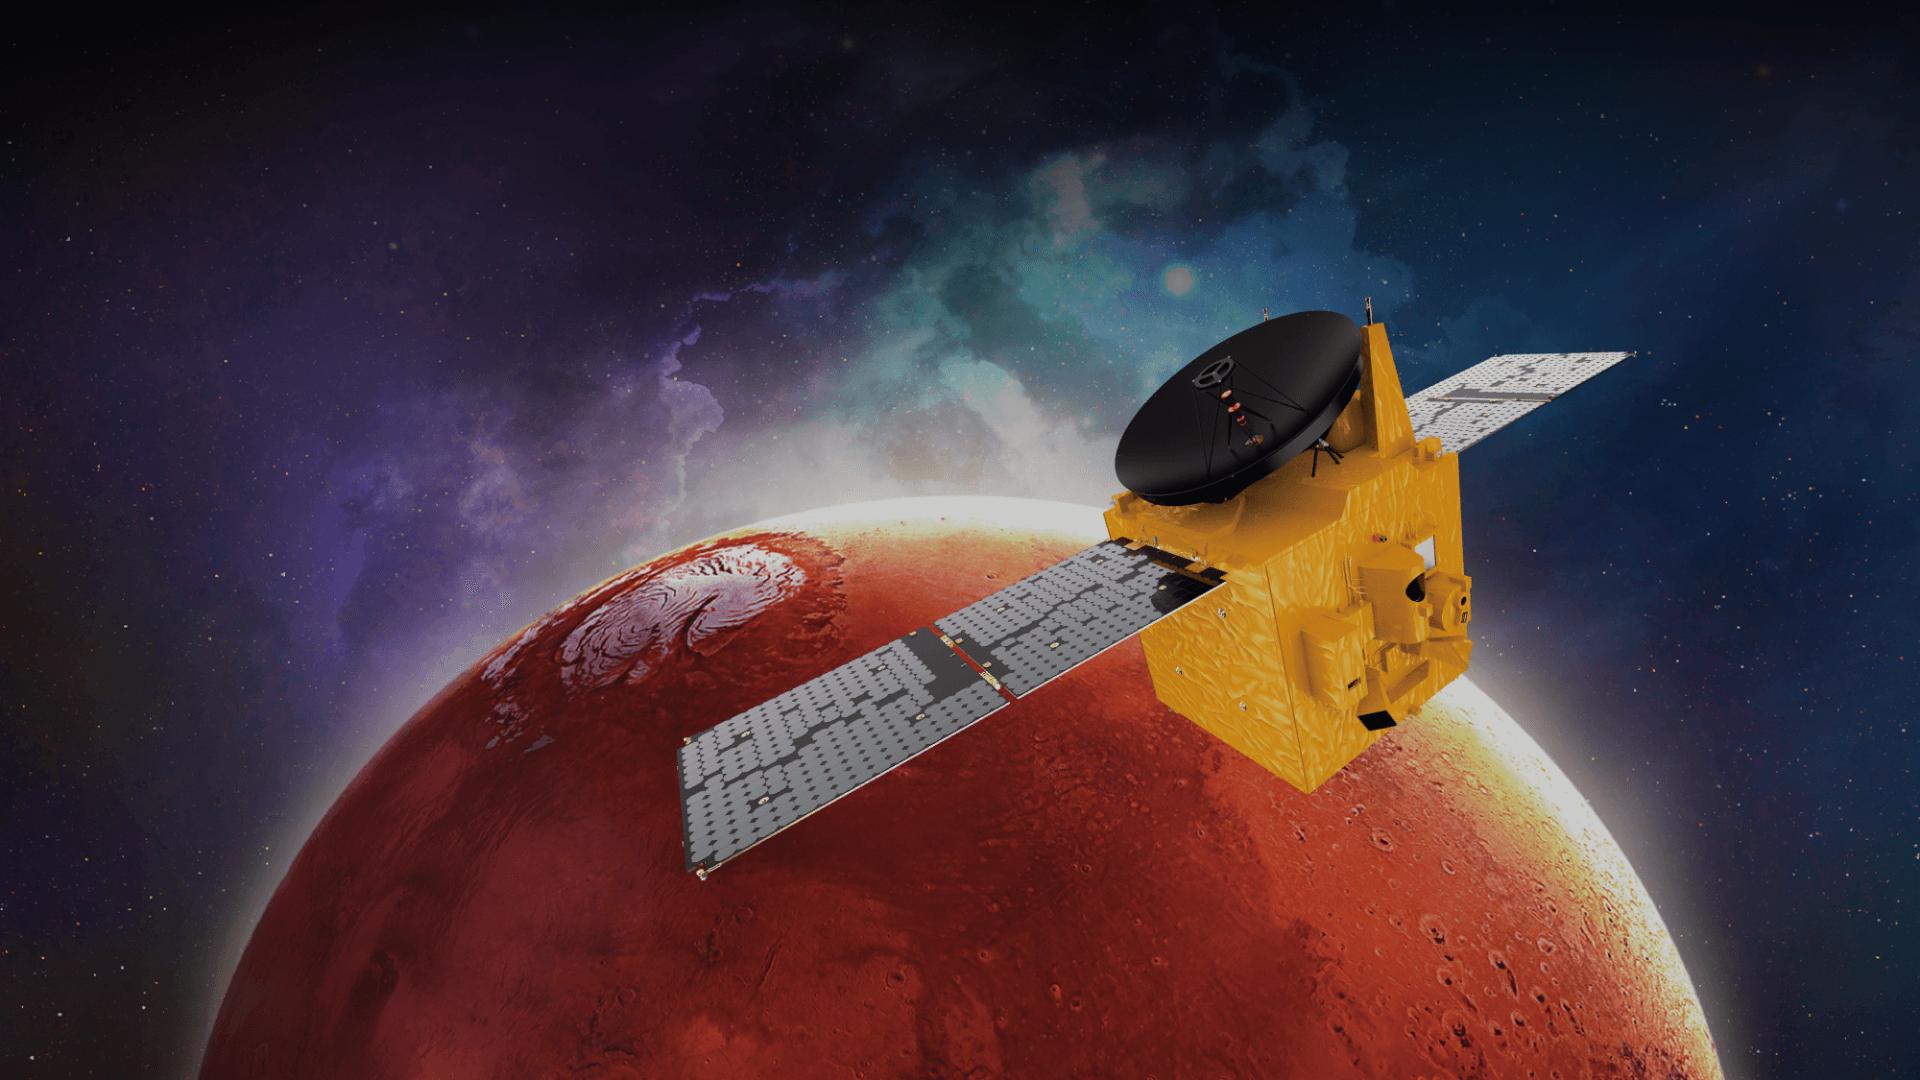 ОАЭ произвели успешный запуск к Марсу первой межпланетной станции Al Amal